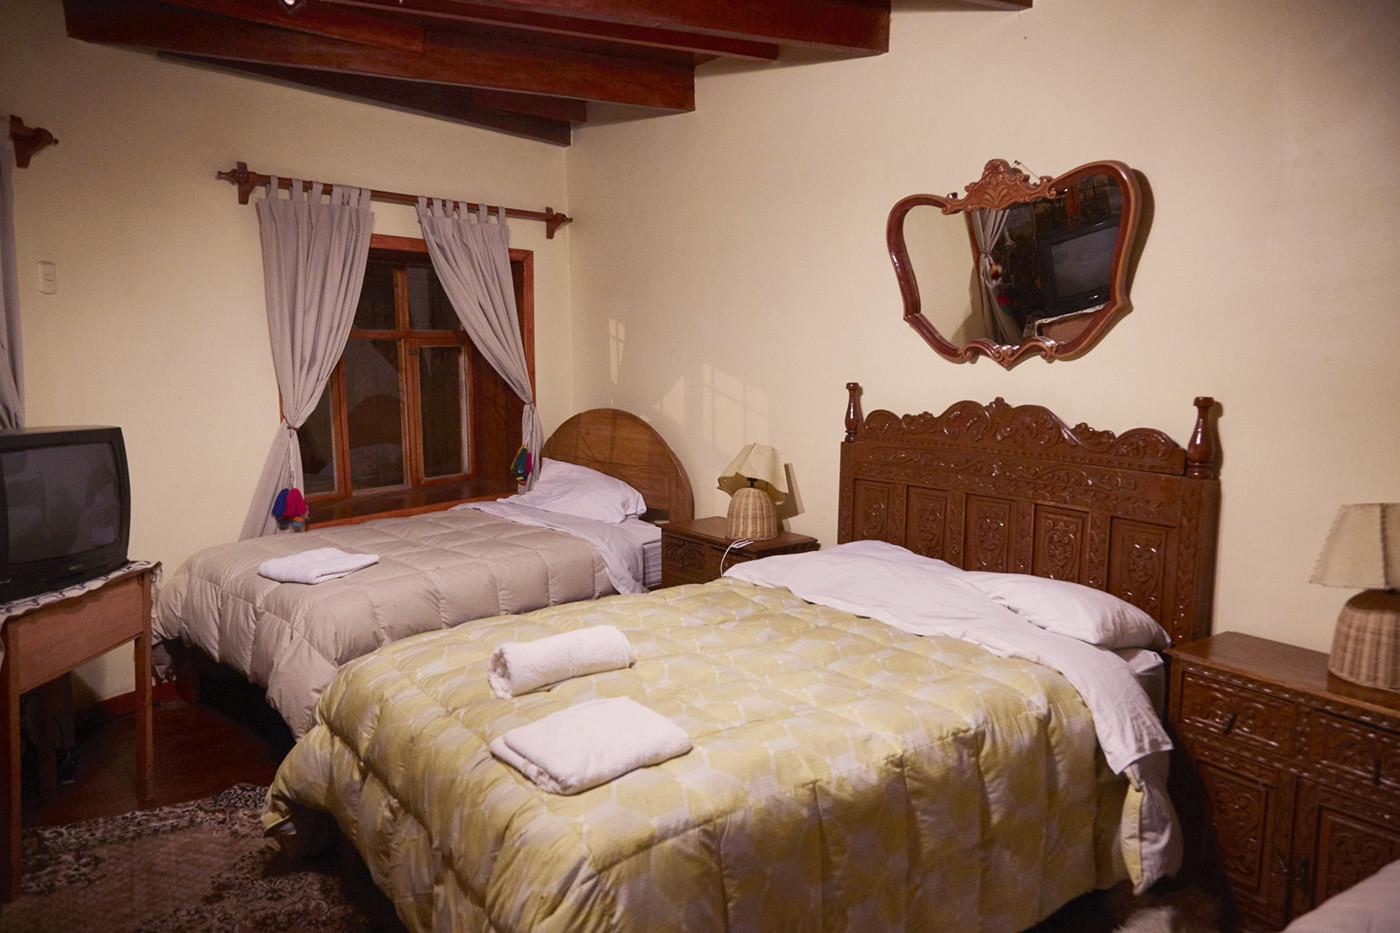 Airbnb in Peru war super! Wir haben uns hier sehr wohl gefühlt und wurden sehr herzlich aufgenommen.